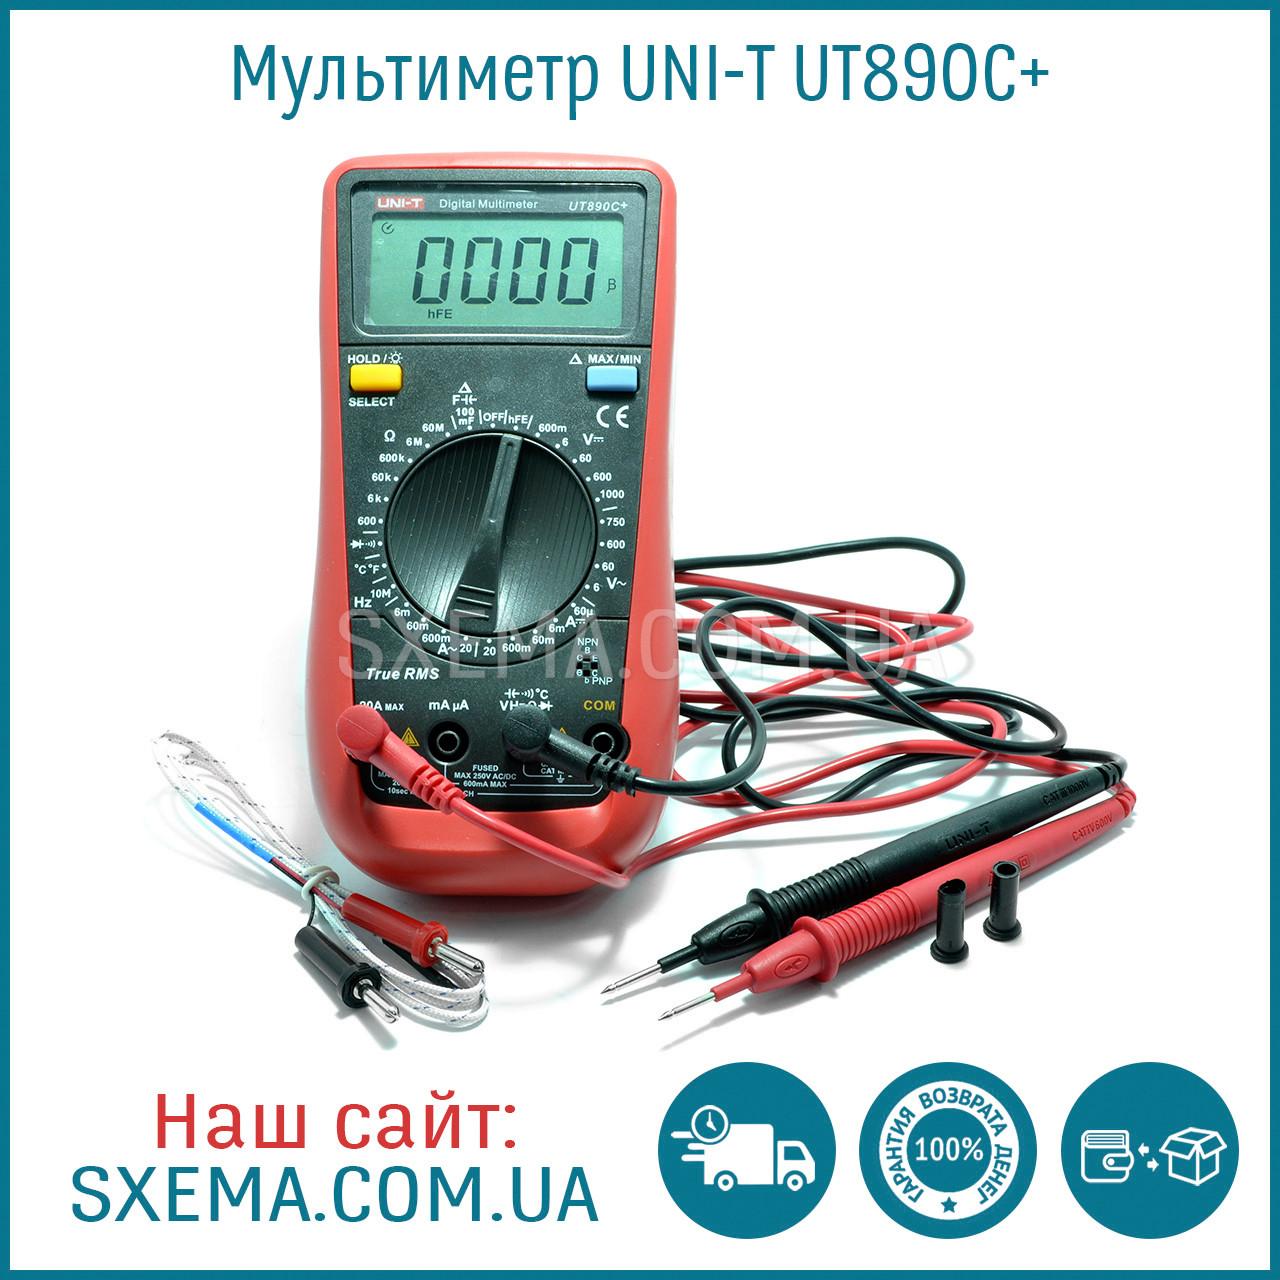 Мультиметр цифровой UNI-T UT890C+ в защитном чехле, подсветка дисплея